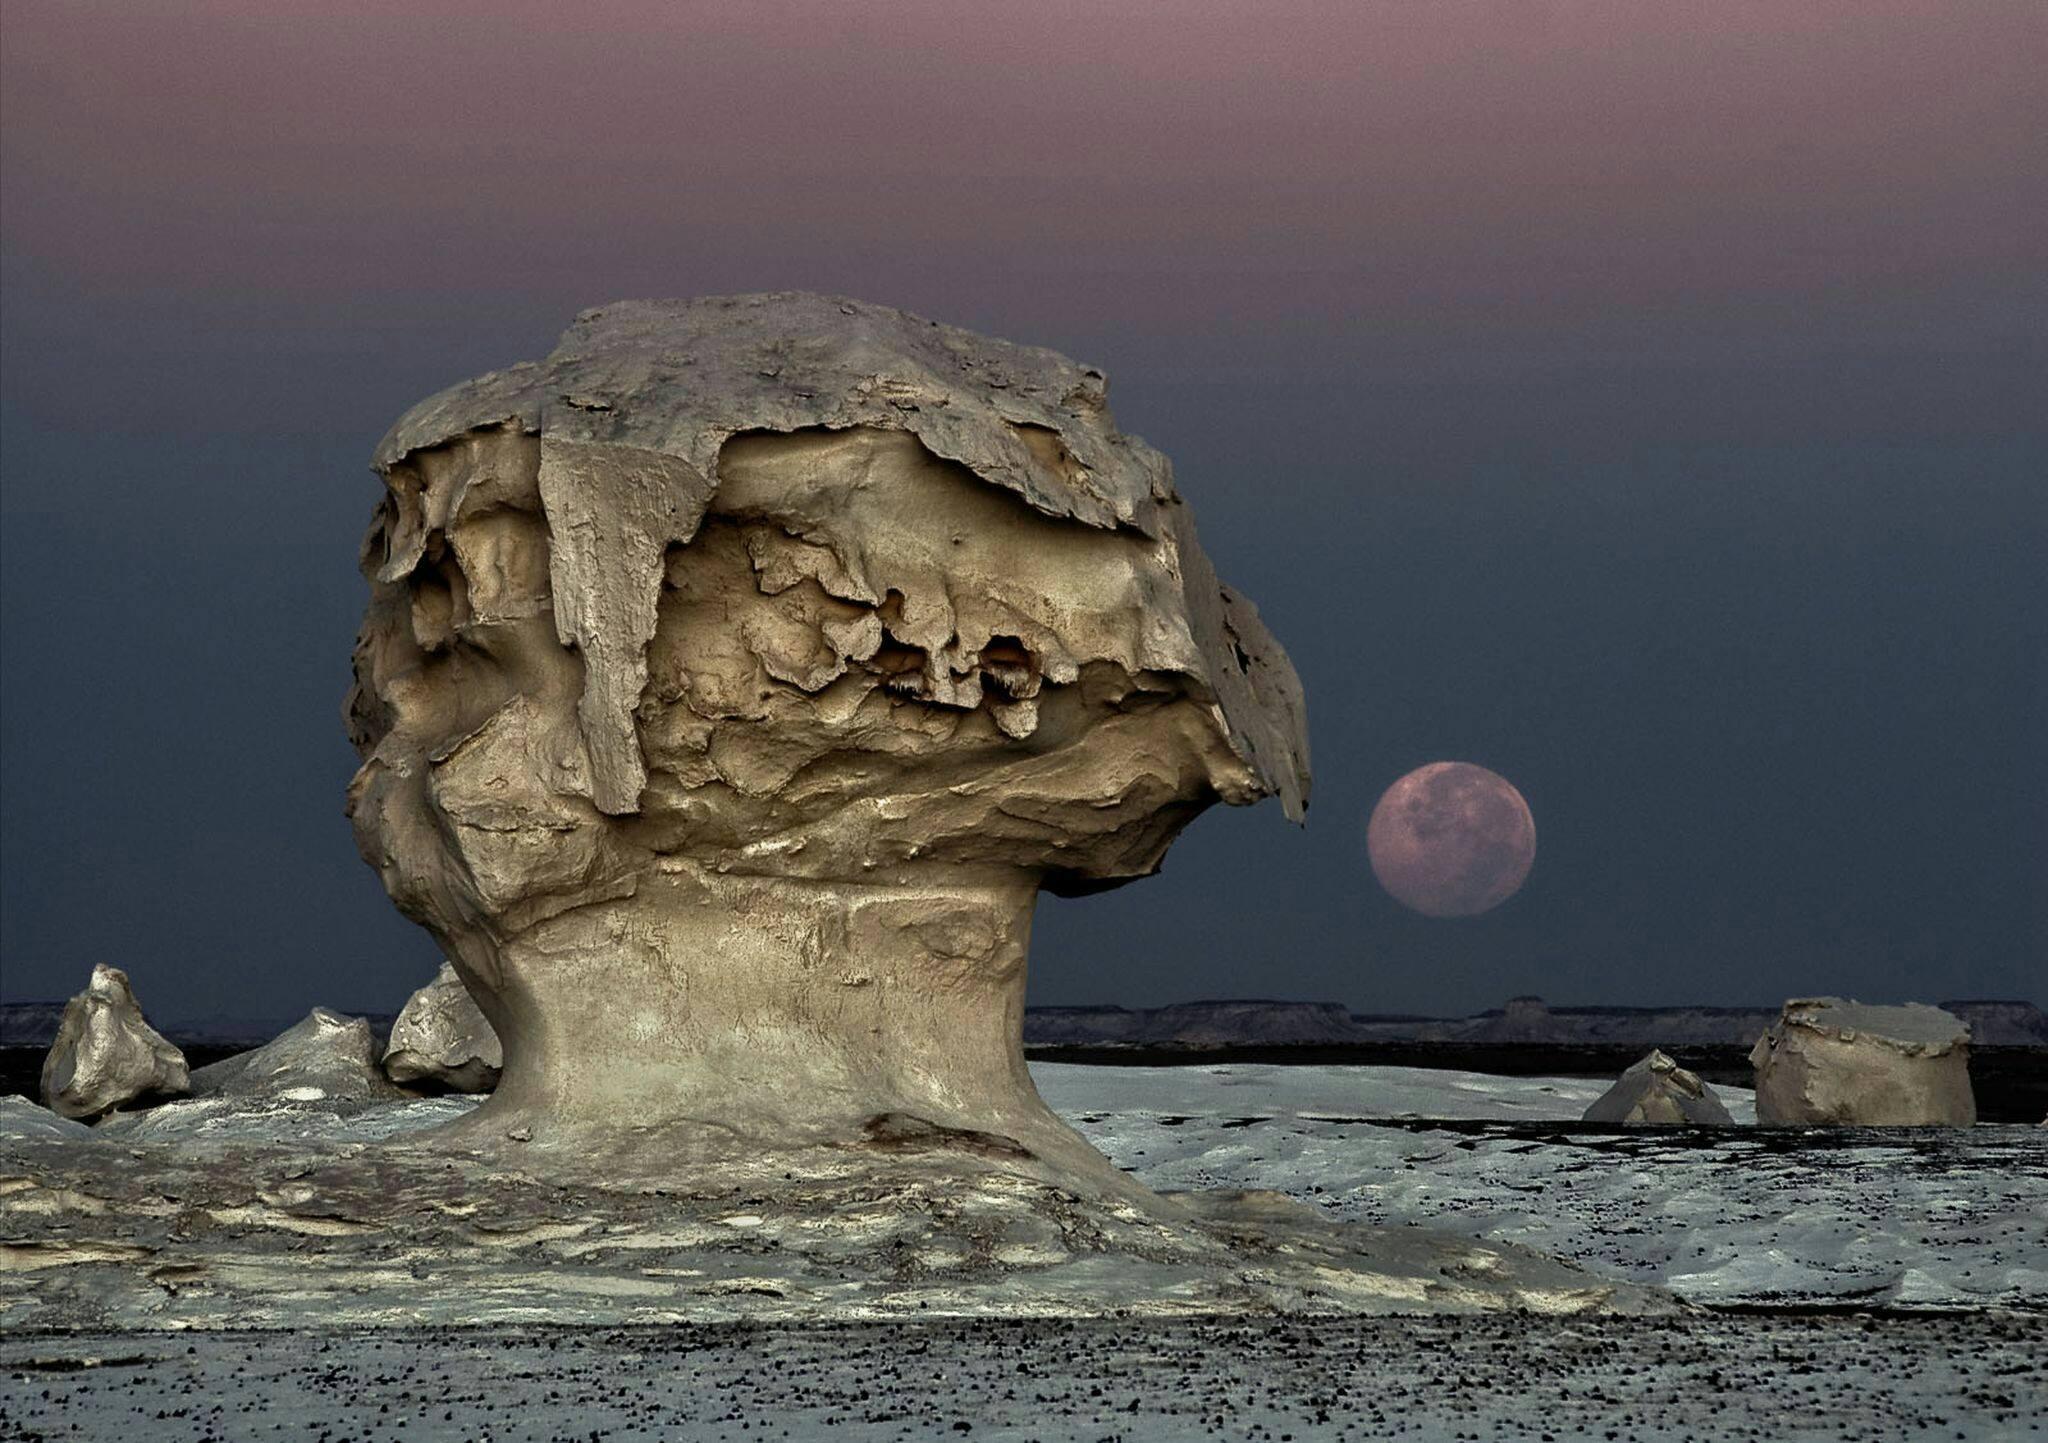 La Luna sorge nel Deserto Bianco, Egitto. La vedete quella struttura a fungo in primo piano? È un classico esempio di fungo di roccia, una forma originata dall'azione eolica in climi aridi: il vento a bassa quota trasporta infatti un maggior quantitativo di detriti sabbiosi più ci si abbassa di quota; questi detriti generano abrasione differenziale sulla roccia dando origine alla tipica forma a fungo. Strutture simili sono i pilastri di terra e le colonne di ghiaccio, ma la loro genesi è differente: i pilastri di terra si formano quando una roccia resistente all'acqua protegge la colonna di terra sottostante dalle intemperie, e le colonne di ghiaccio quando una roccia presente in un ghiacciaio protegge la colonna di ghiaccio sottostante dallo scioglimento dovuto all'irradiazione solare. Fonte foto: National Geographic